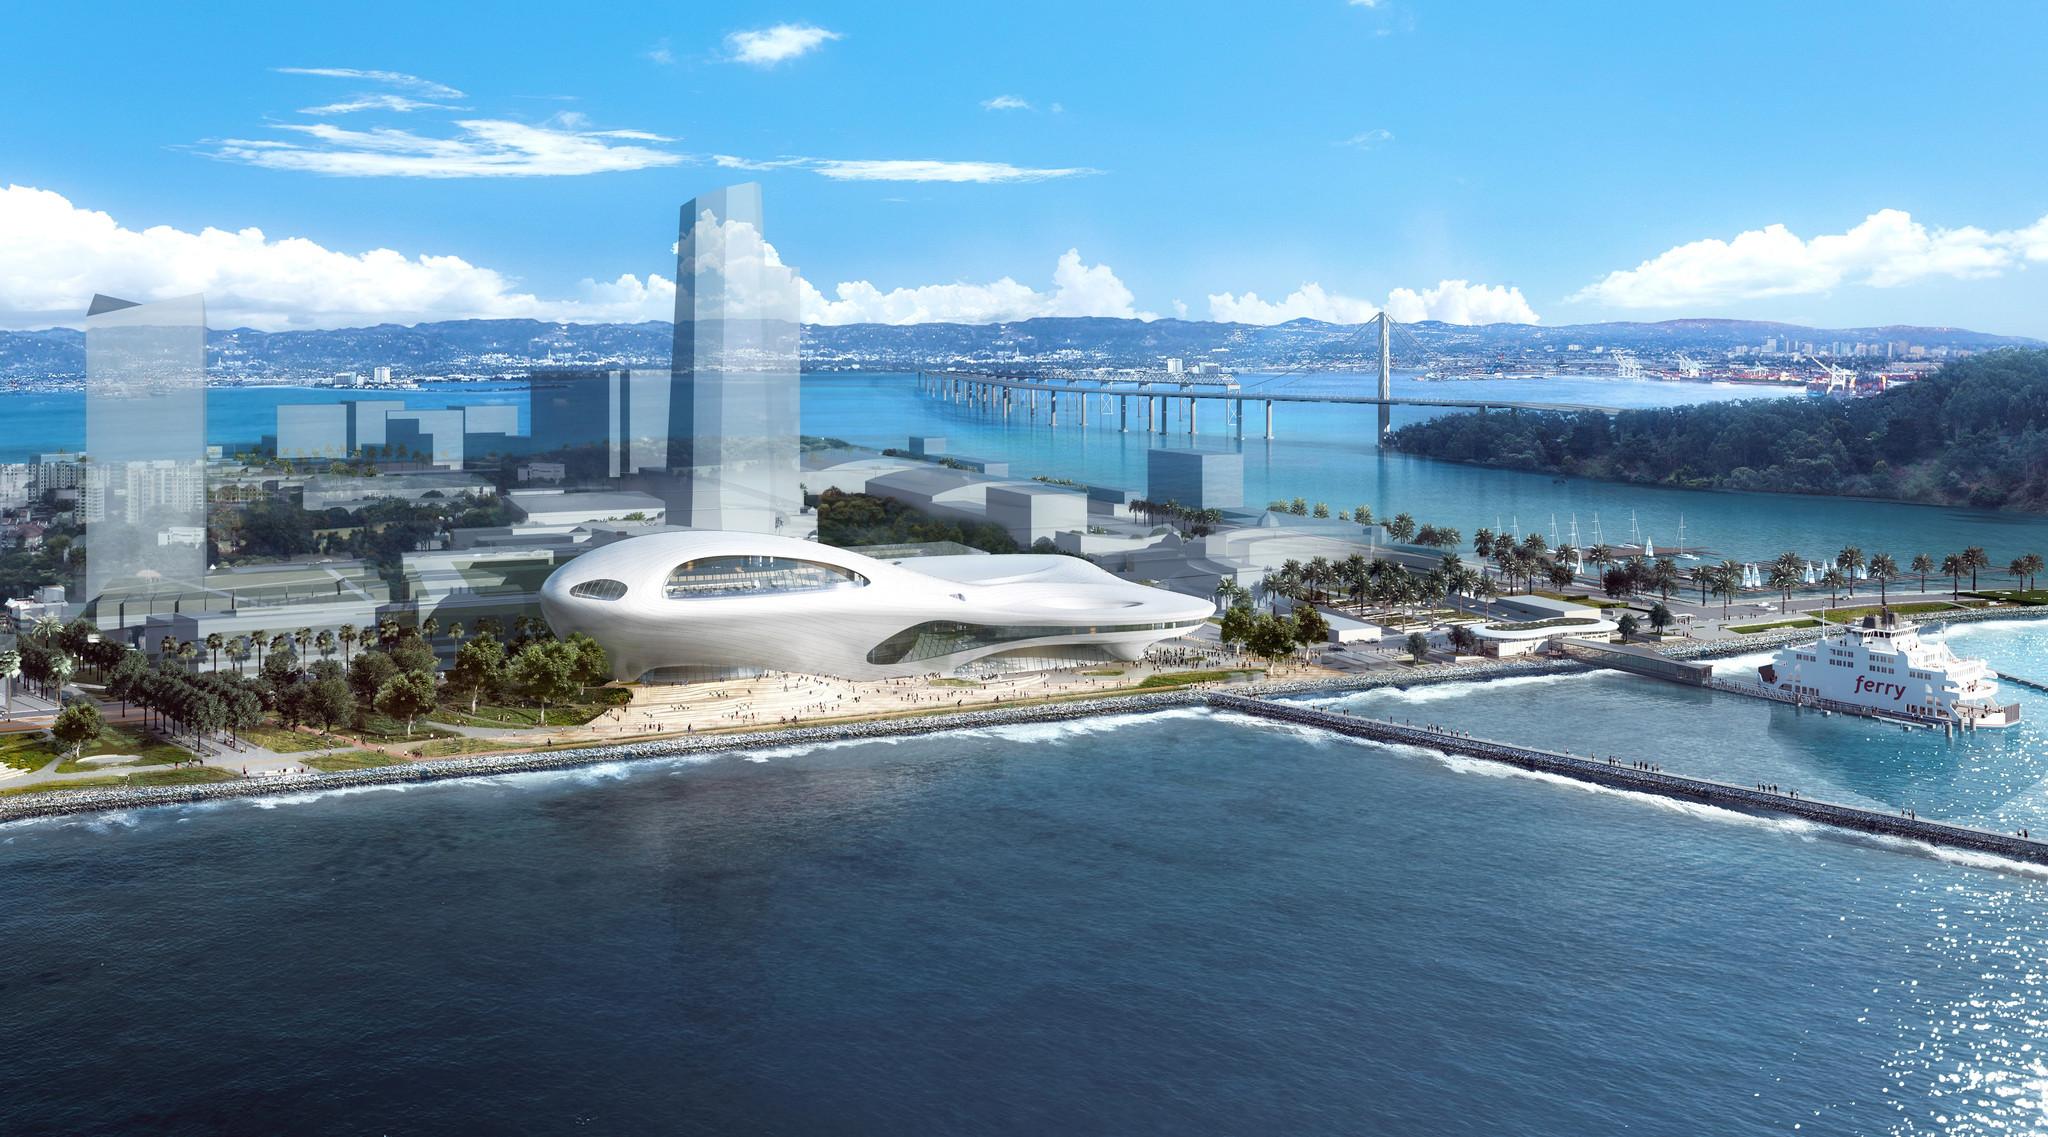 Проект музея для города Сан-Франциско.